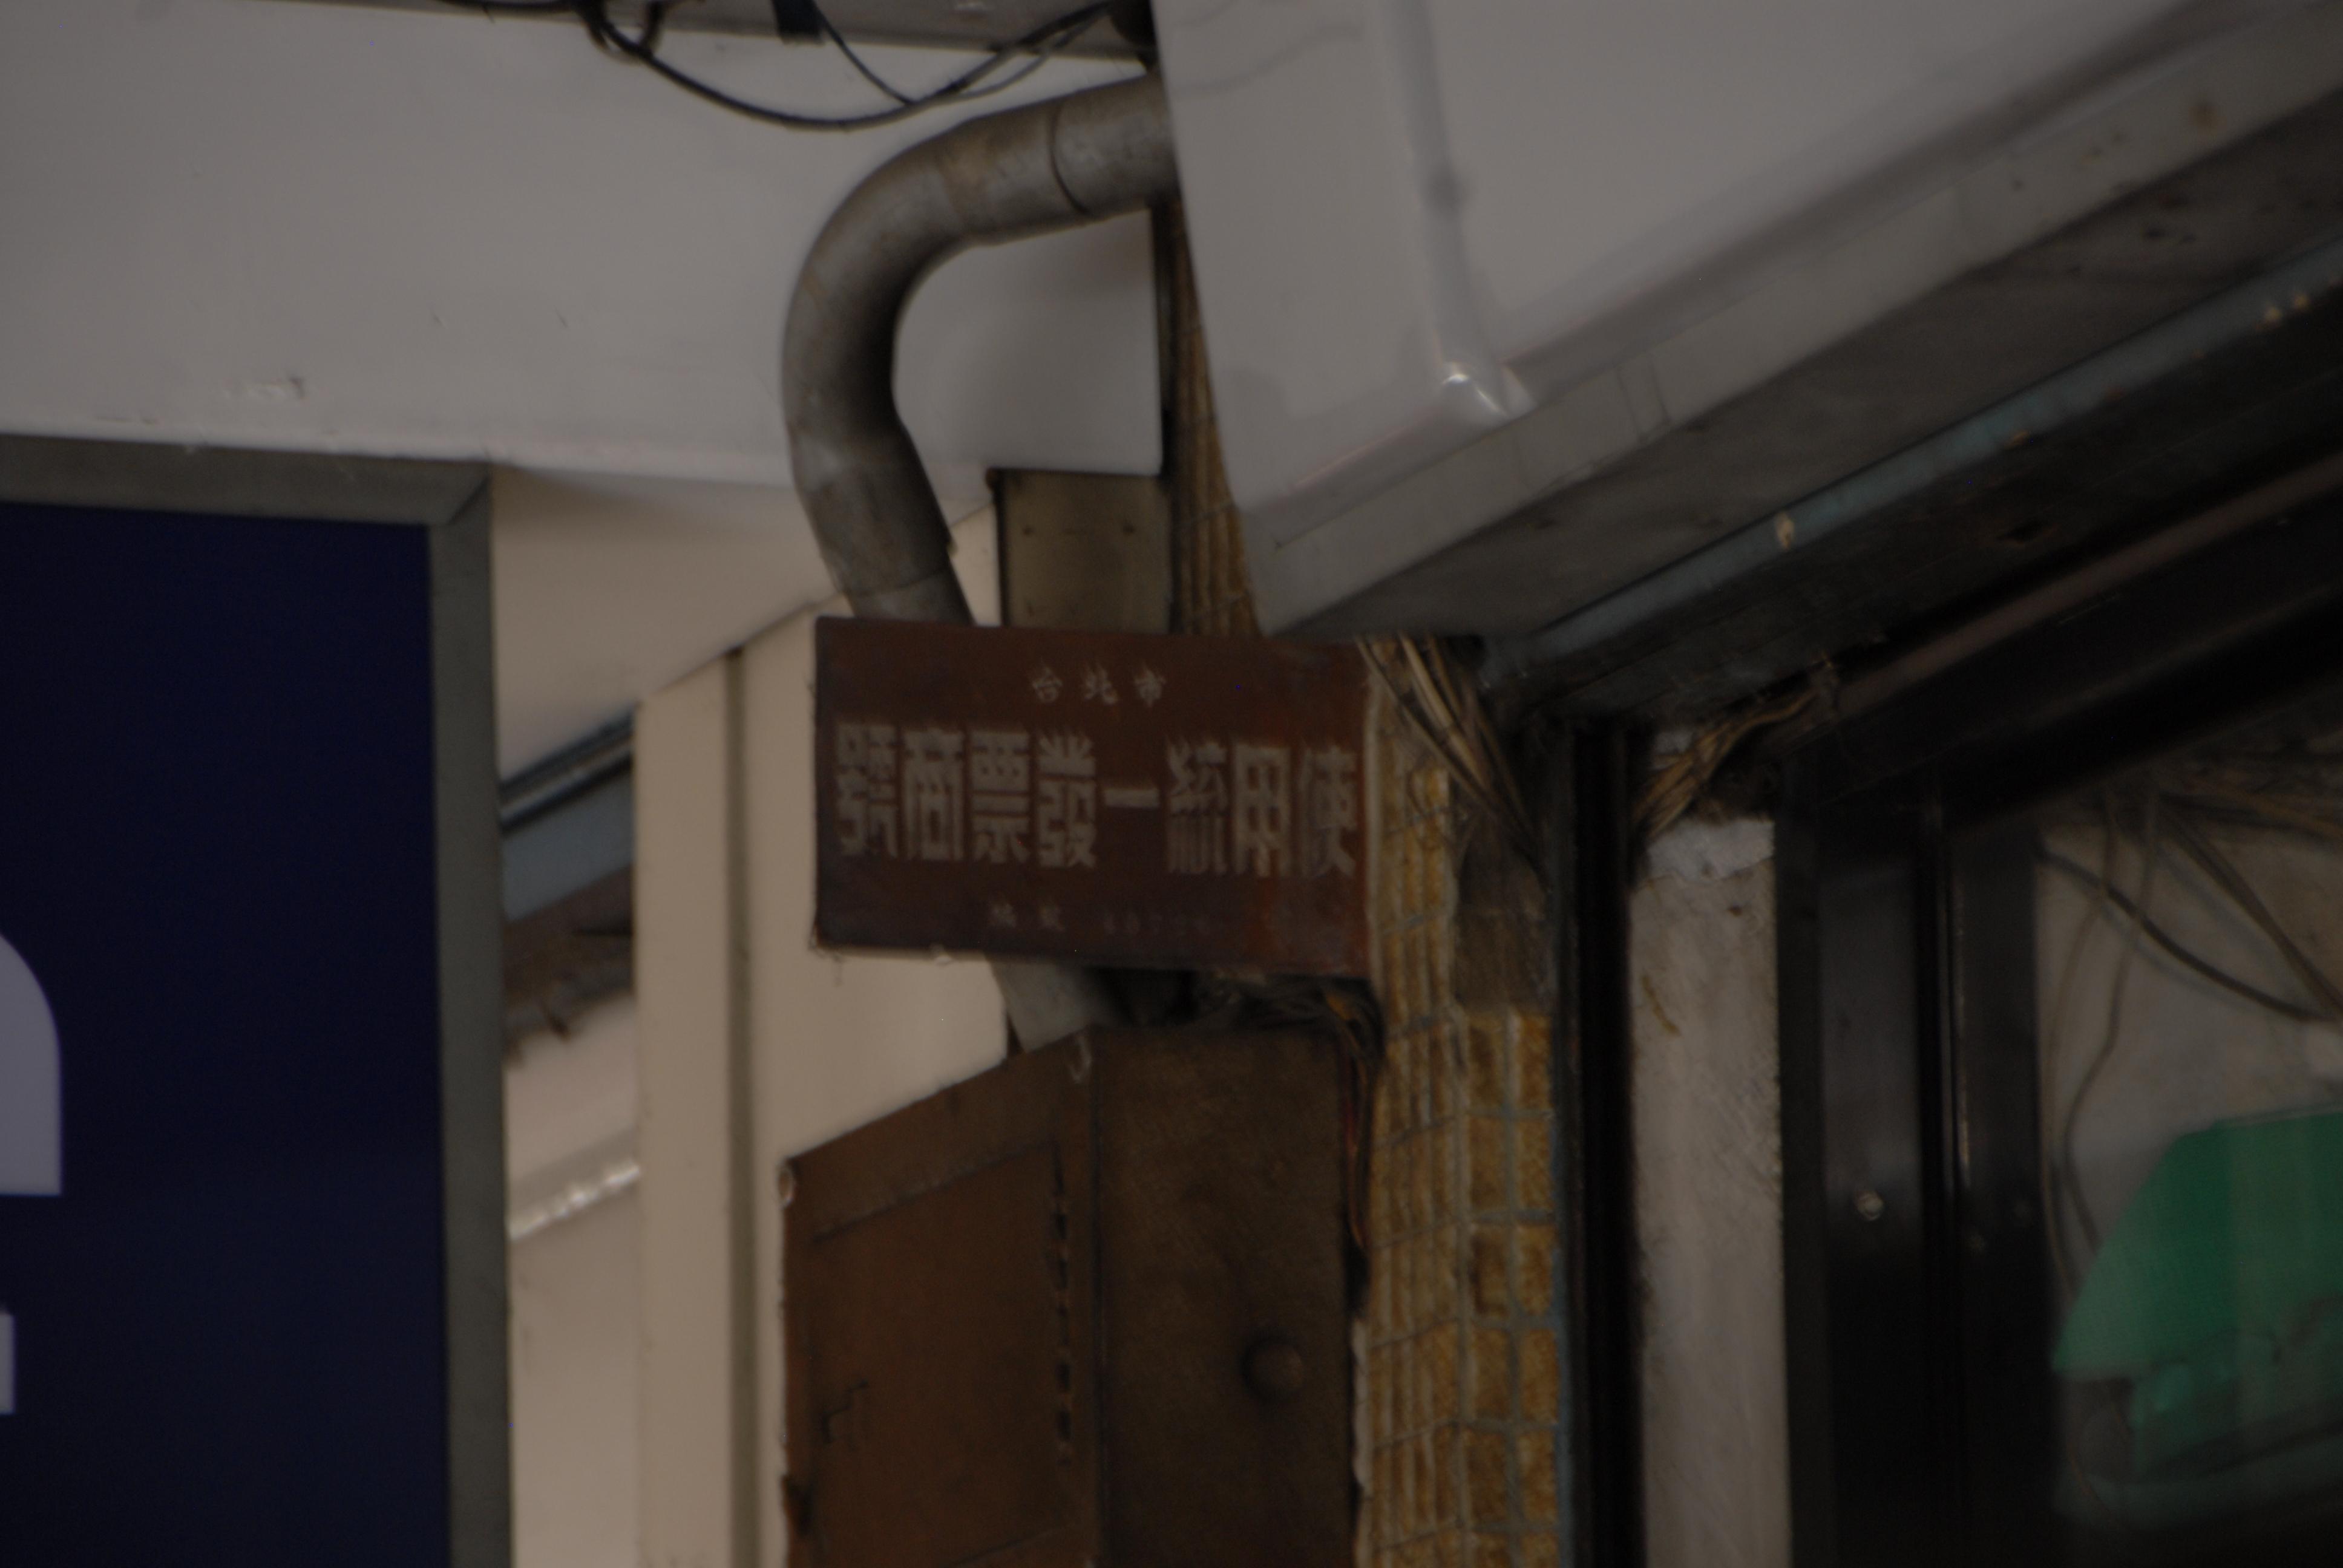 傳統商家的統一發票商號的排序,受到漢字由右至左的書寫習慣影響。@太原路